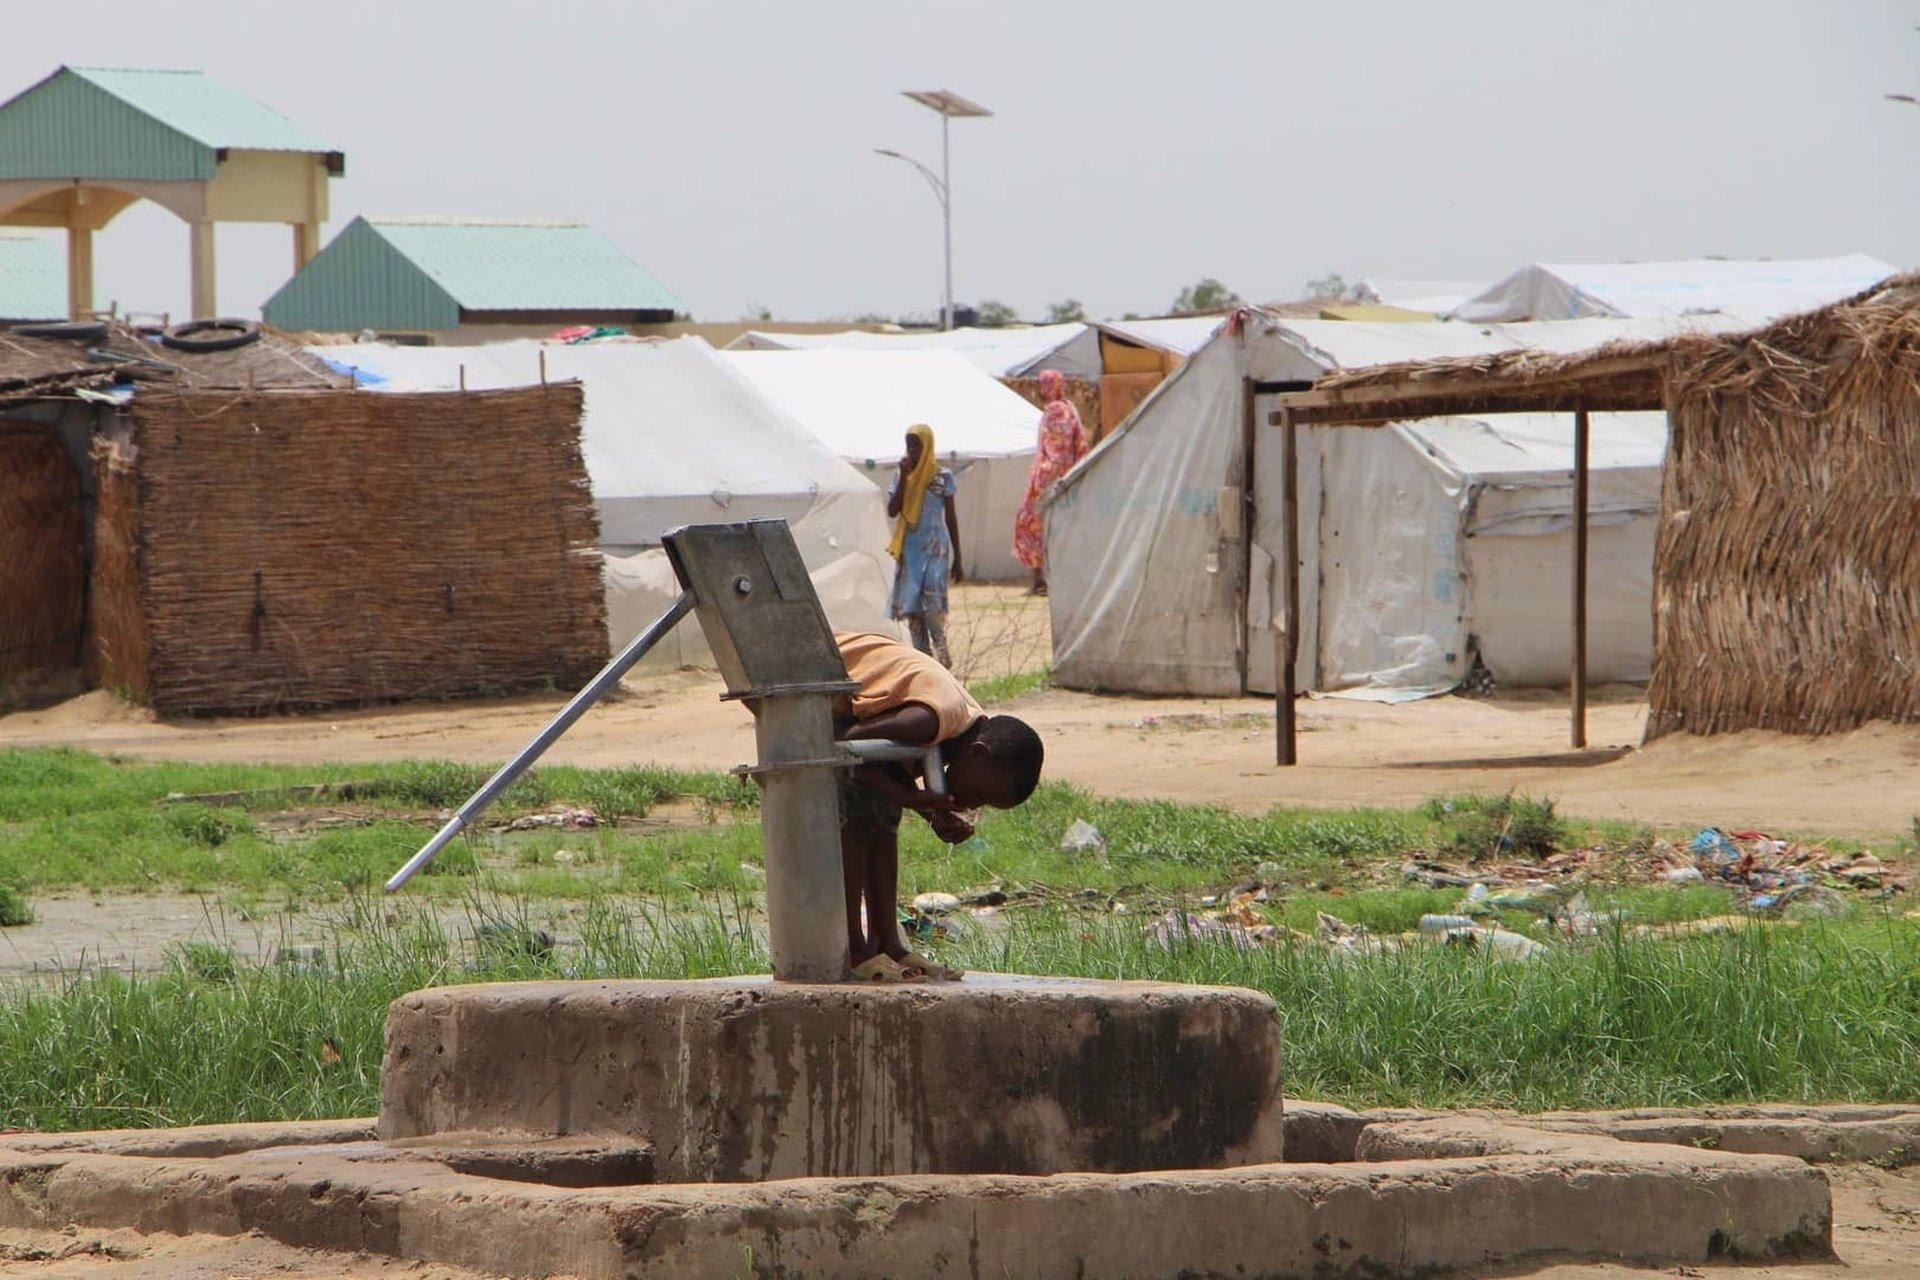 Enfant profitant d'un puits sadaqa jariya pour boire grâce à vos dons humanitaires pour le Tchad